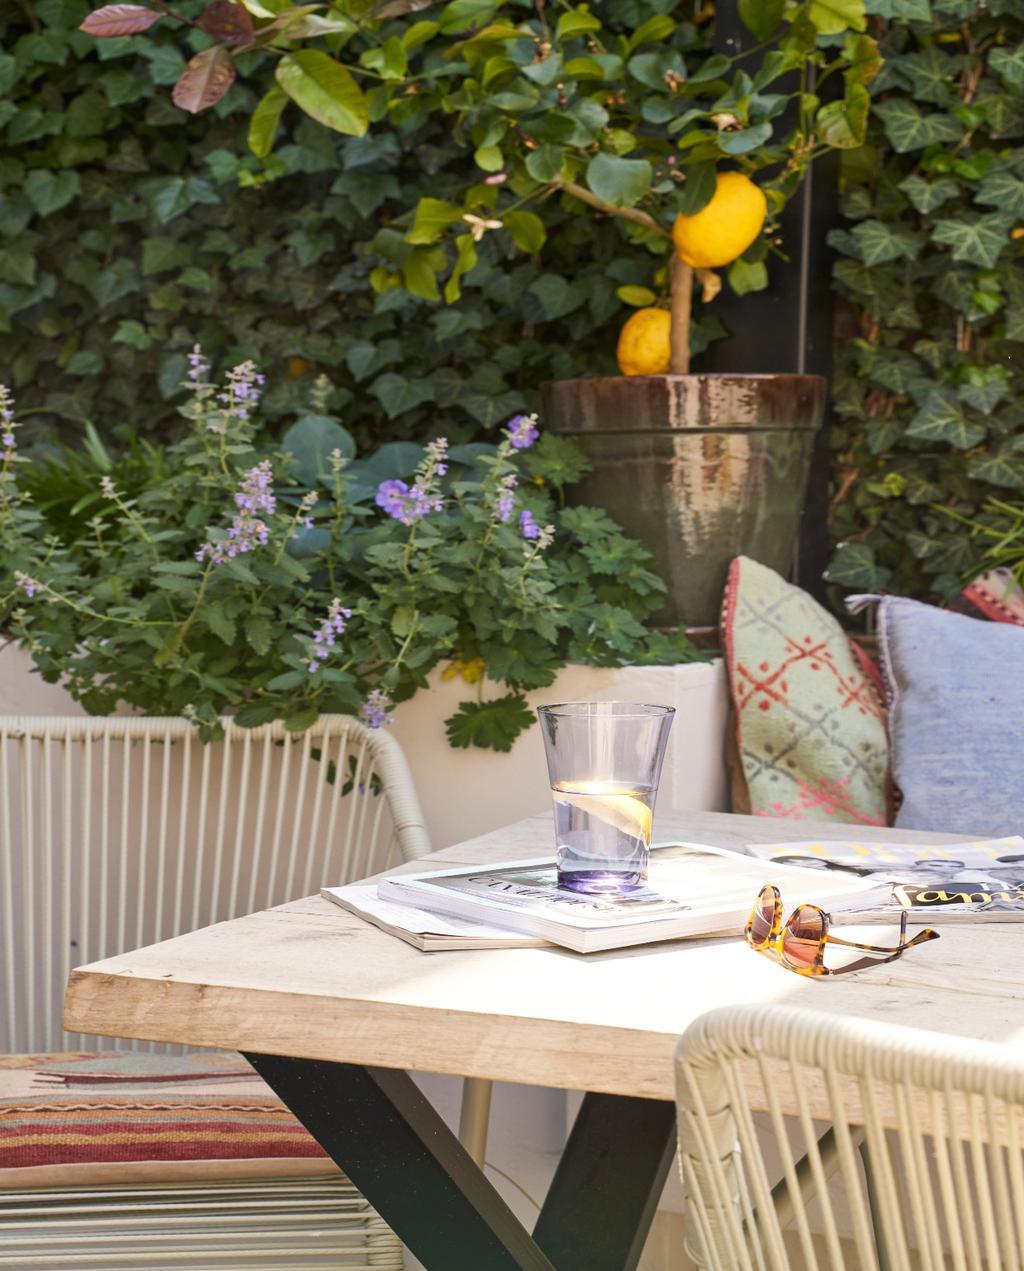 vtwonen 08-2020 | binnenkijken Arnhem tuin met eettafel en rotan stoelen